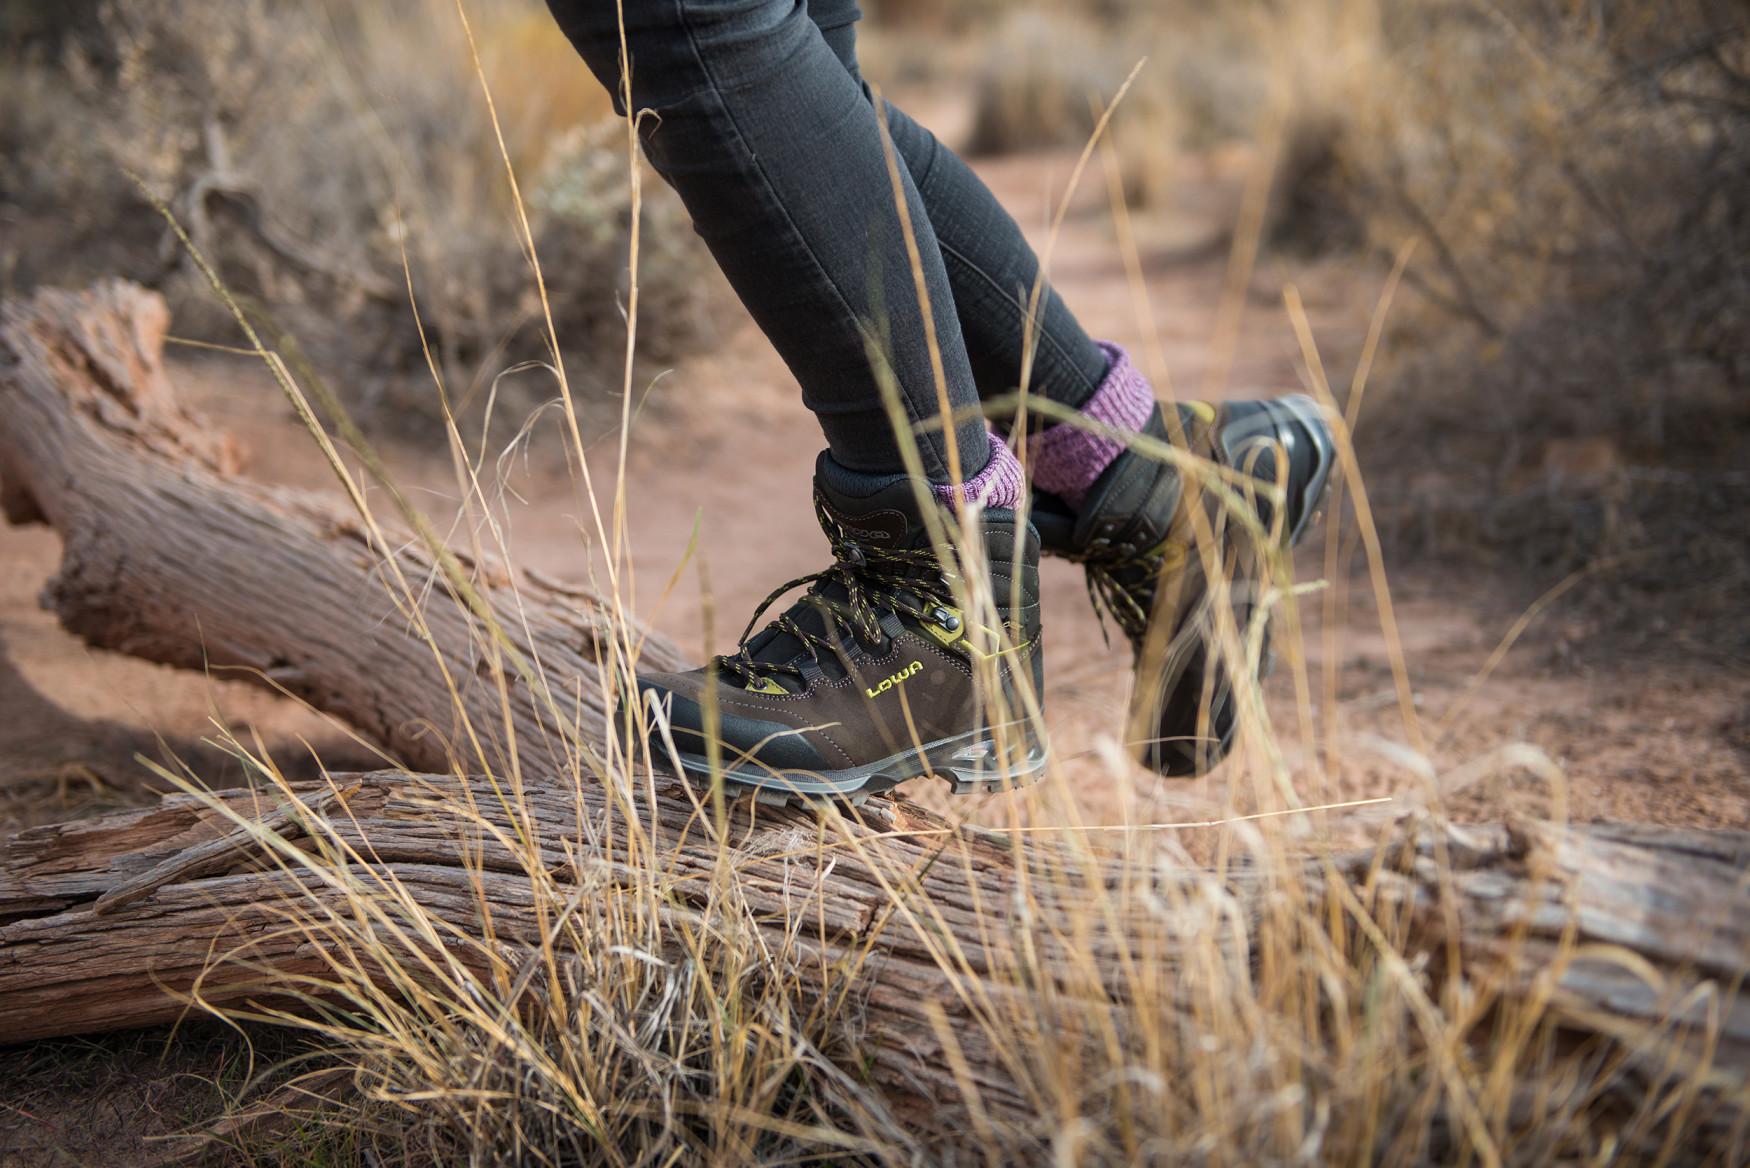 Zo is de beslissing niet moeilijk: De trekkingschoen LADY LIGHT LL loopt niet alleen op het gebied van comfort voorop, maar scoort ook met zijn eersteklas uitrusting. Alleen al de VIBRAM® TRAC LITE II-zool zorgt voor wandelkwaliteit op de meest uiteenlopende oppervlakken. Deze schoen, die speciaal is ontworpen voor de vrouwelijke anatomie, overtuigt door het gebruik van kwalitatief hoogwaardig leer – zowel aan de buitenkant als van binnen. Om ervoor te zorgen dat de wandelschoen veilig aan alle voeten past, is de uit twee delen bestaande vetersluiting gebruikt.